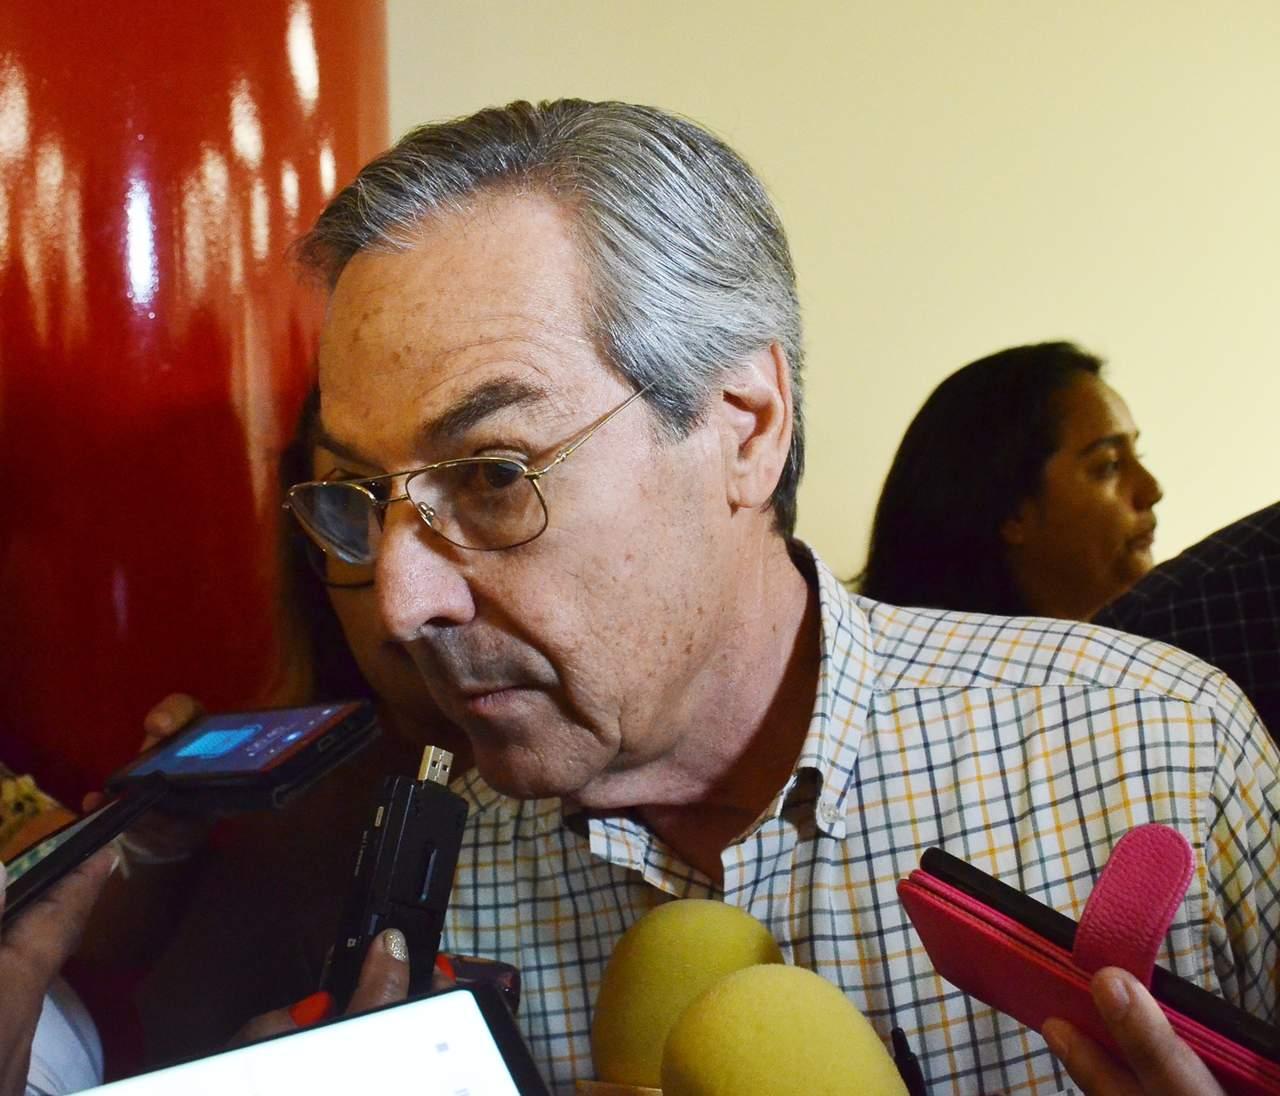 Rechazan aumentos arbitrarios de sueldos para funcionarios municipales